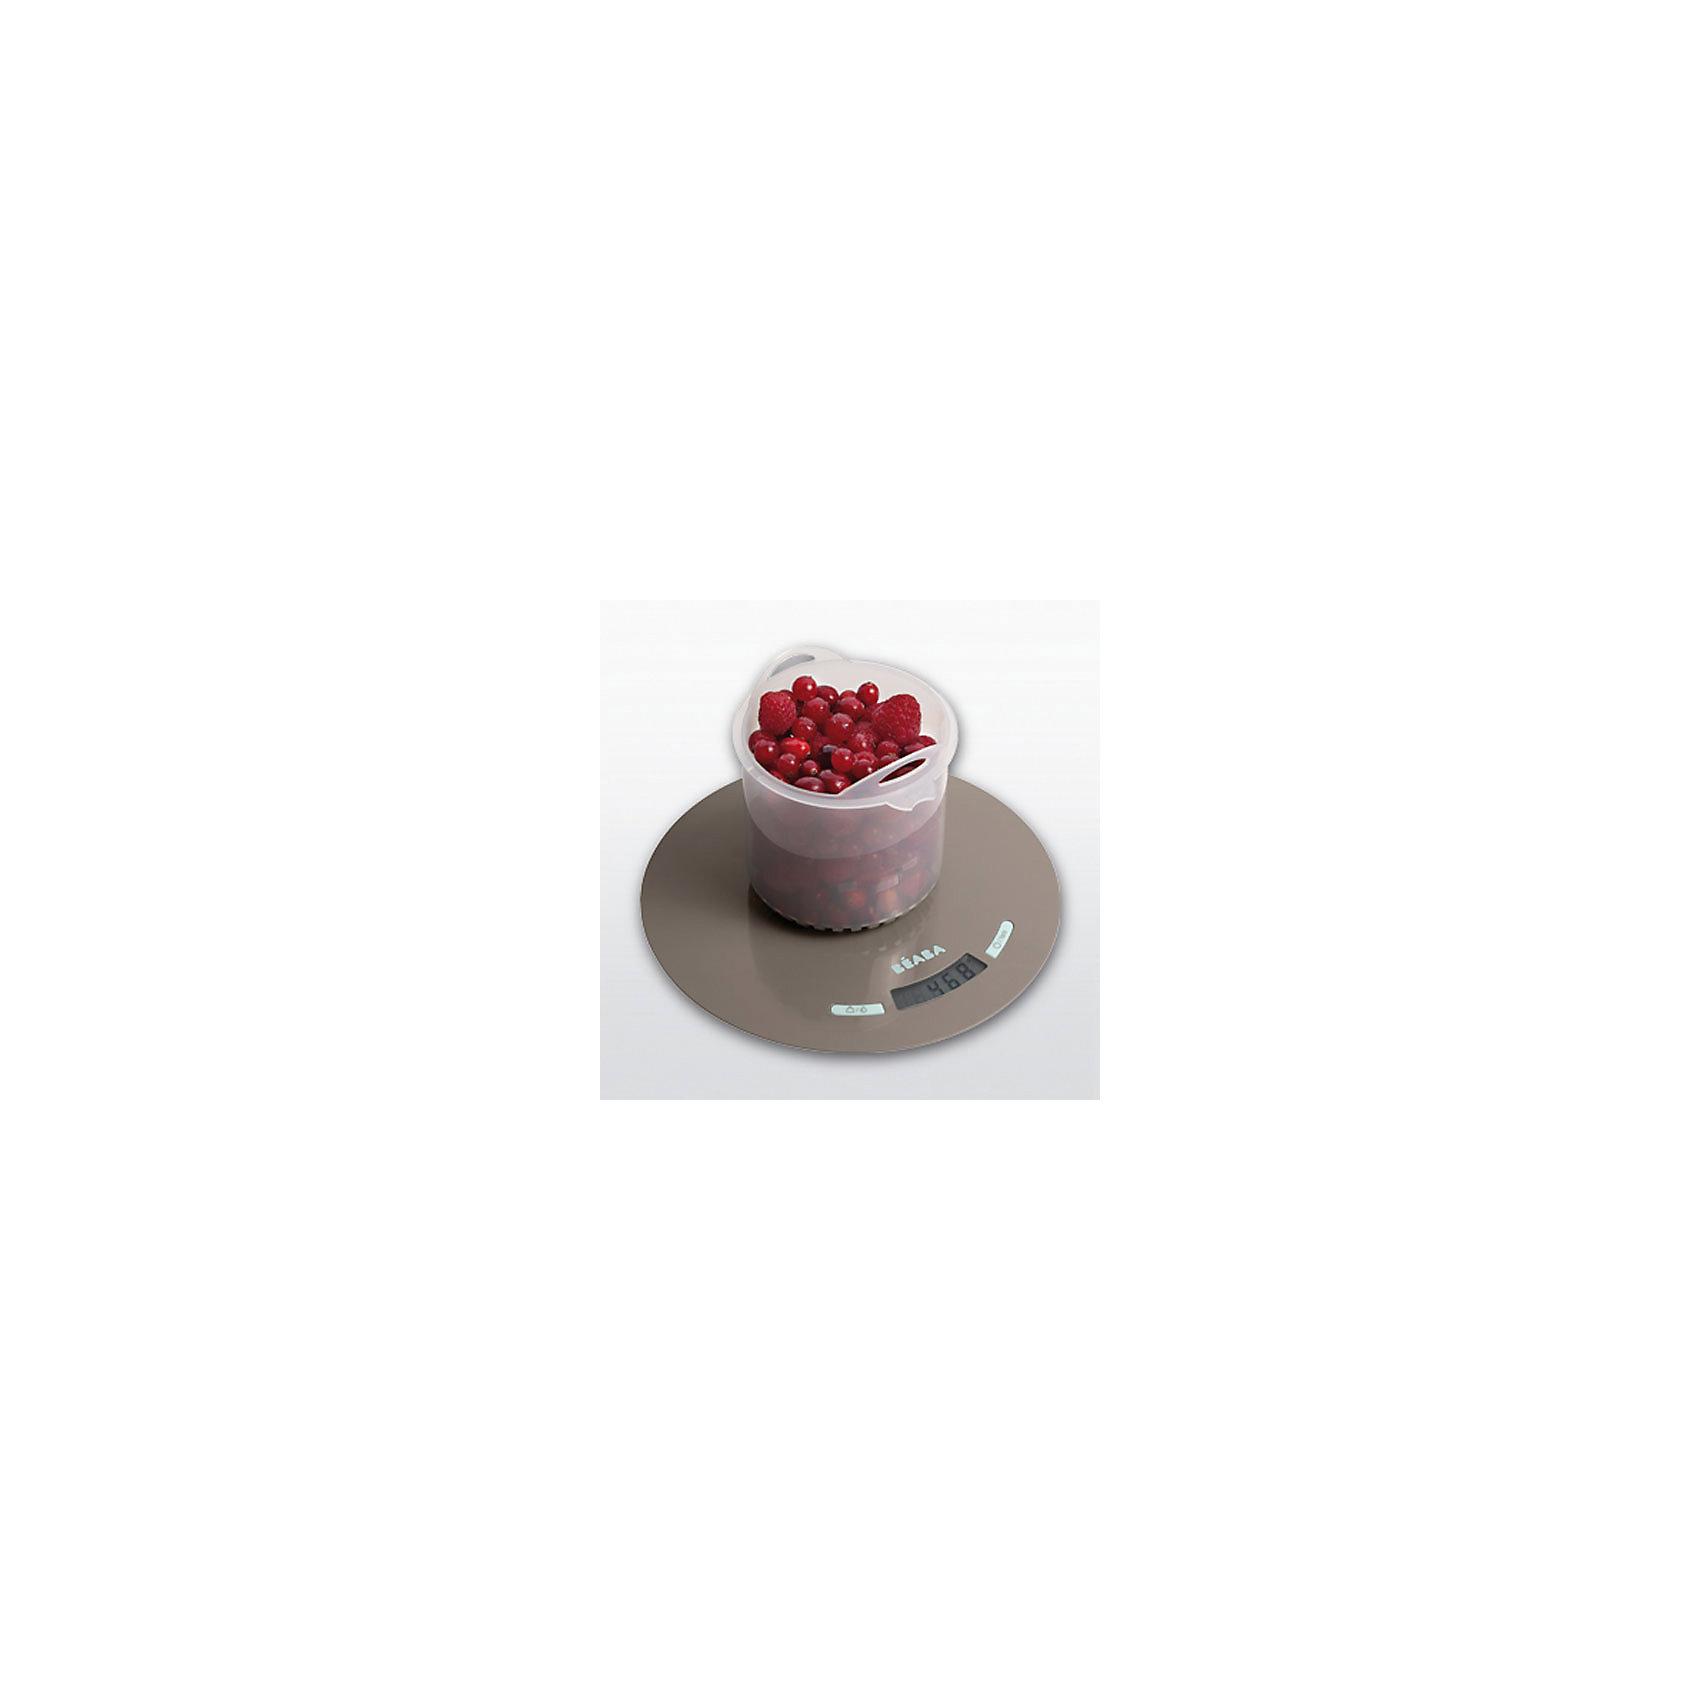 Весы кухонные BABYCOOK SCALE, Beaba, голубойВесы кухонные<br>Кухонные весы Babycook Scale, Beaba, станут Вам отличным помощником на кухне и помогут точно рассчитывать все ингредиенты для приготовления детских блюд. Весы просты в использовании, занимают мало места и сочетает в себе функциональность и стильный современный дизайн. Измеряют вес в граммах для твердой пищи и в миллилитрах для жидкости. Весы оснащены такими удобными функциями как тара (позволяет определить вес продуктов без тары), возвращение к 0, функция запоминания веса, автоматическое отключение. Общий вес не может превышать 5 кг.<br><br>Дополнительная информация:<br><br>- Материал: пластик.<br>- Требуются батарейки: 2 х CR2032 (входят в комплект).<br>- Выпуск: от 1 гр. до 5 кг.<br>- Размер весов: 23 x 23 x 2 см.<br>- Размер упаковки: 19,5 x 22 x 5,5 см.<br>- Вес: 0,42 кг.<br><br>Весы кухонные Babycook Scale, Beaba, голубой, можно купить в нашем интернет-магазине.<br><br>Ширина мм: 195<br>Глубина мм: 220<br>Высота мм: 55<br>Вес г: 420<br>Возраст от месяцев: 4<br>Возраст до месяцев: 36<br>Пол: Унисекс<br>Возраст: Детский<br>SKU: 4389026